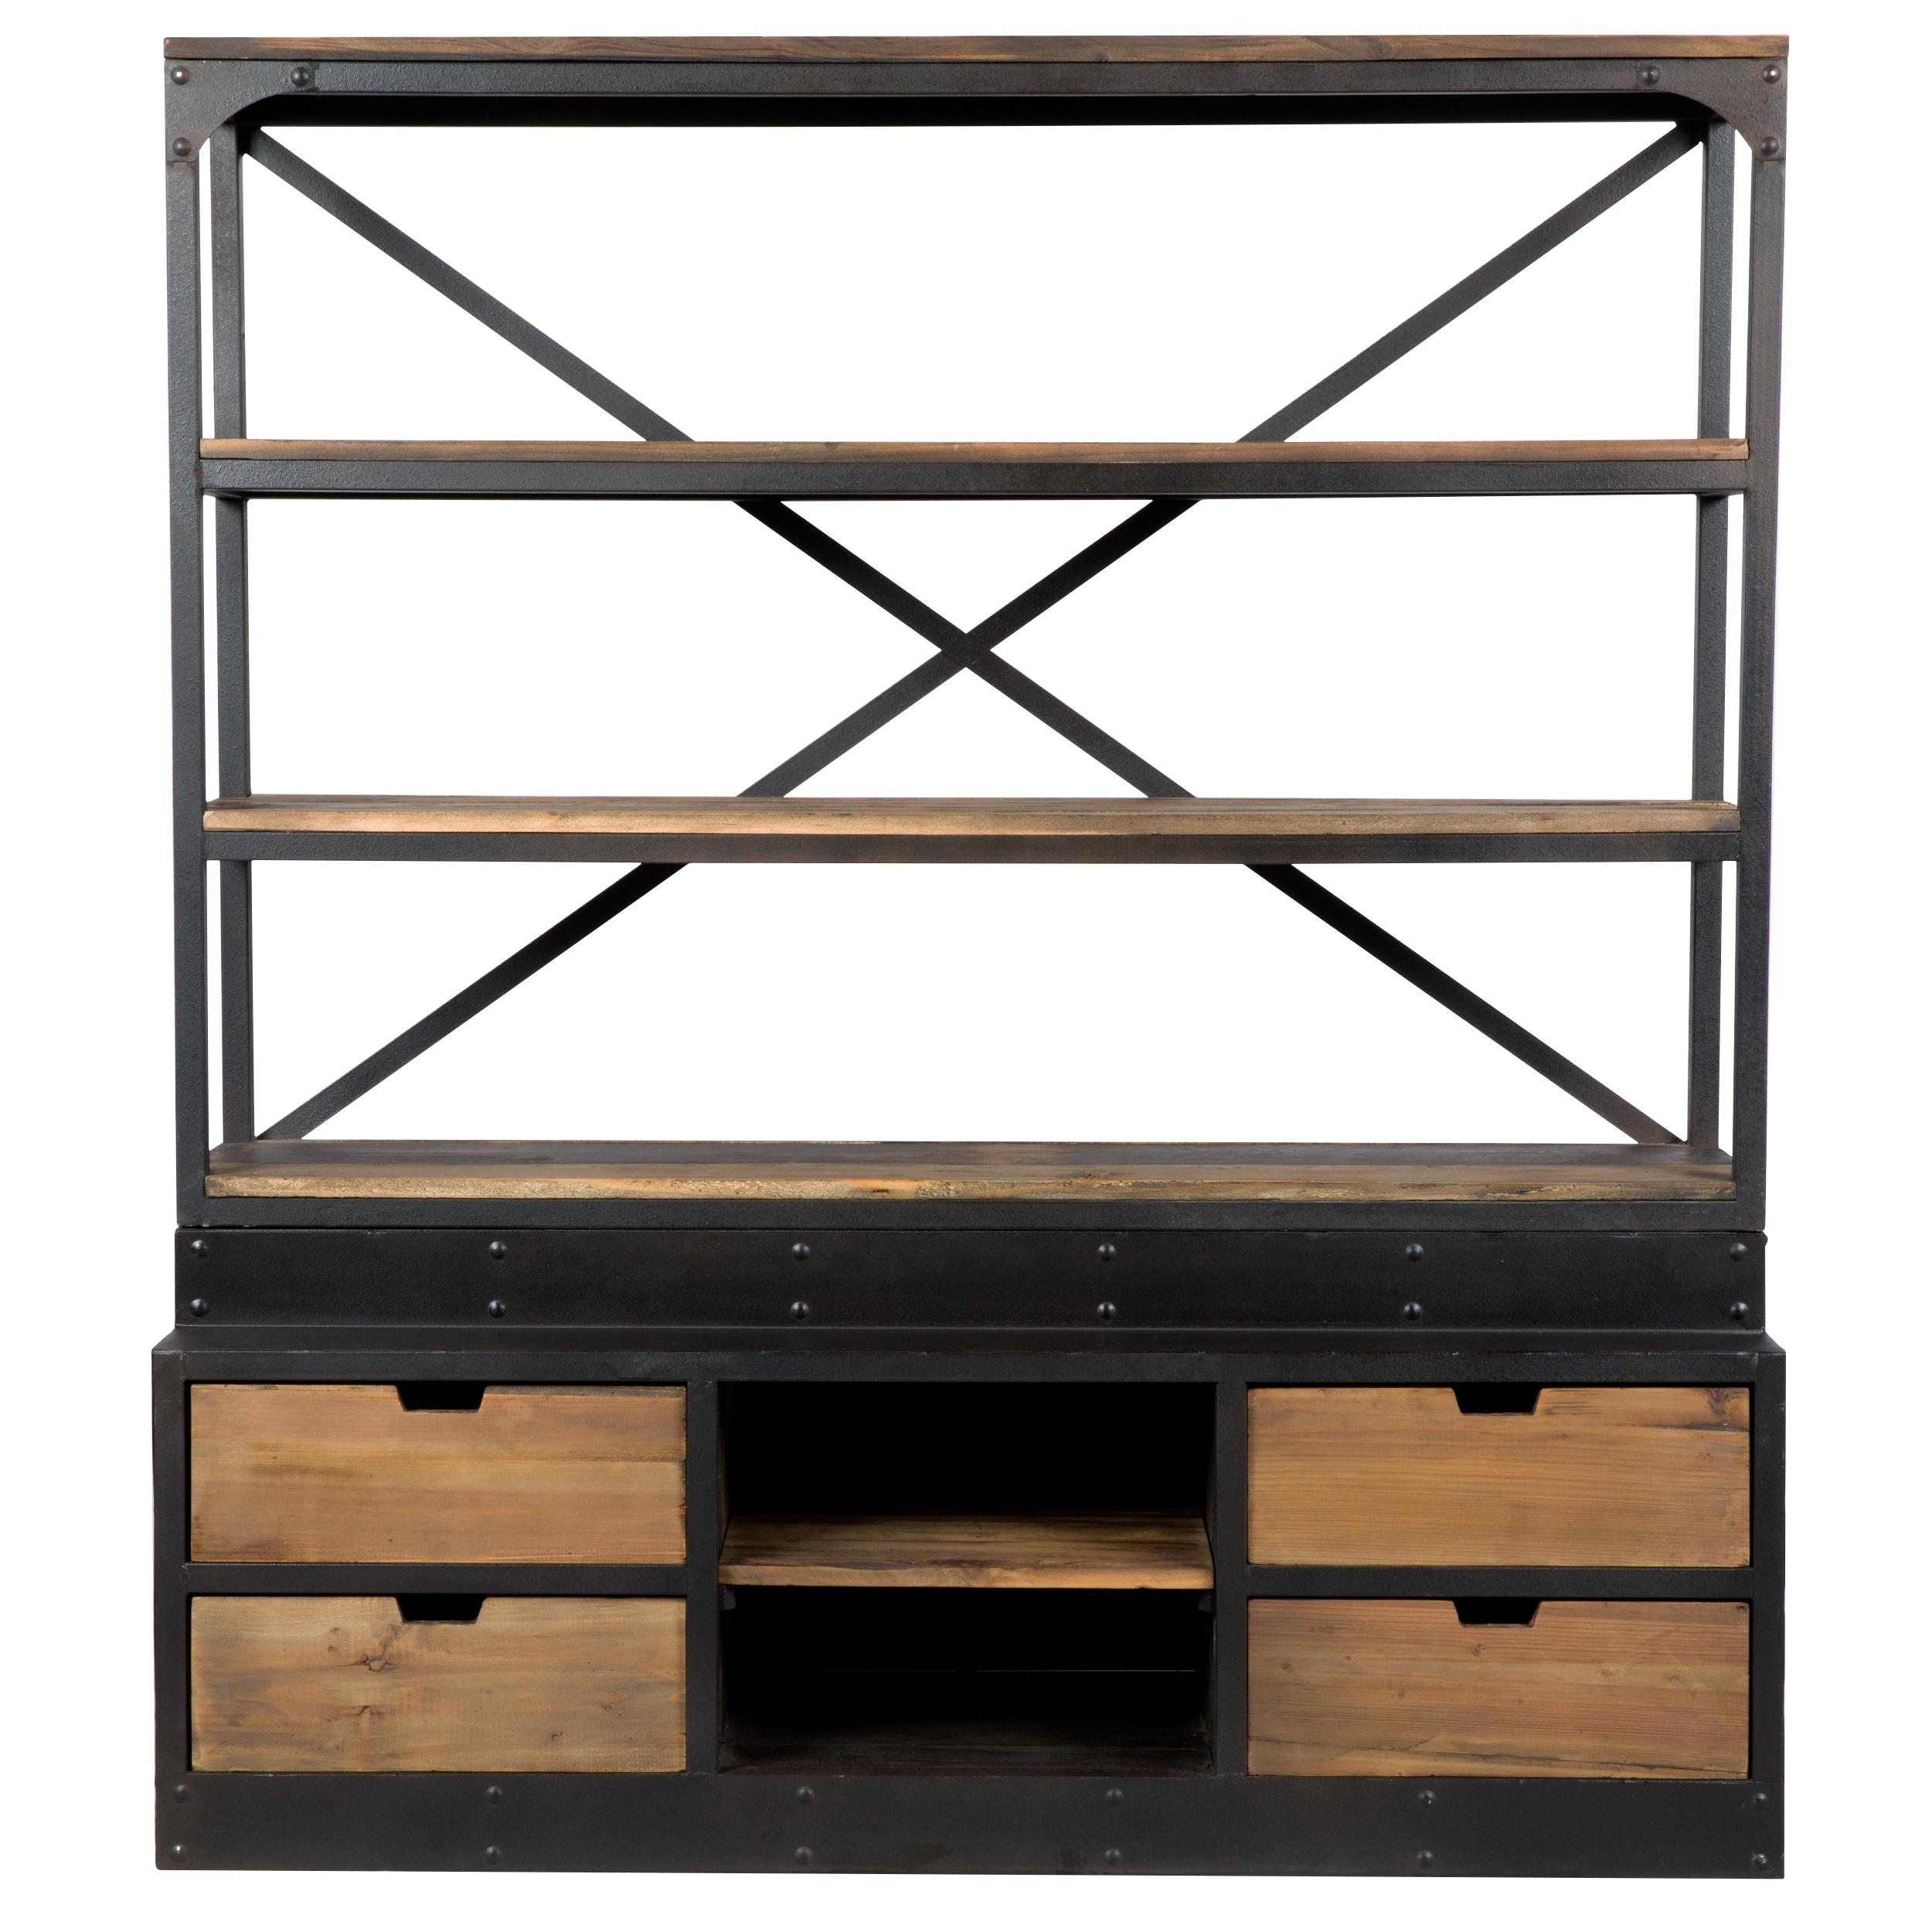 Bibliothèque 160 cm en bois et métal, 4 tiroirs